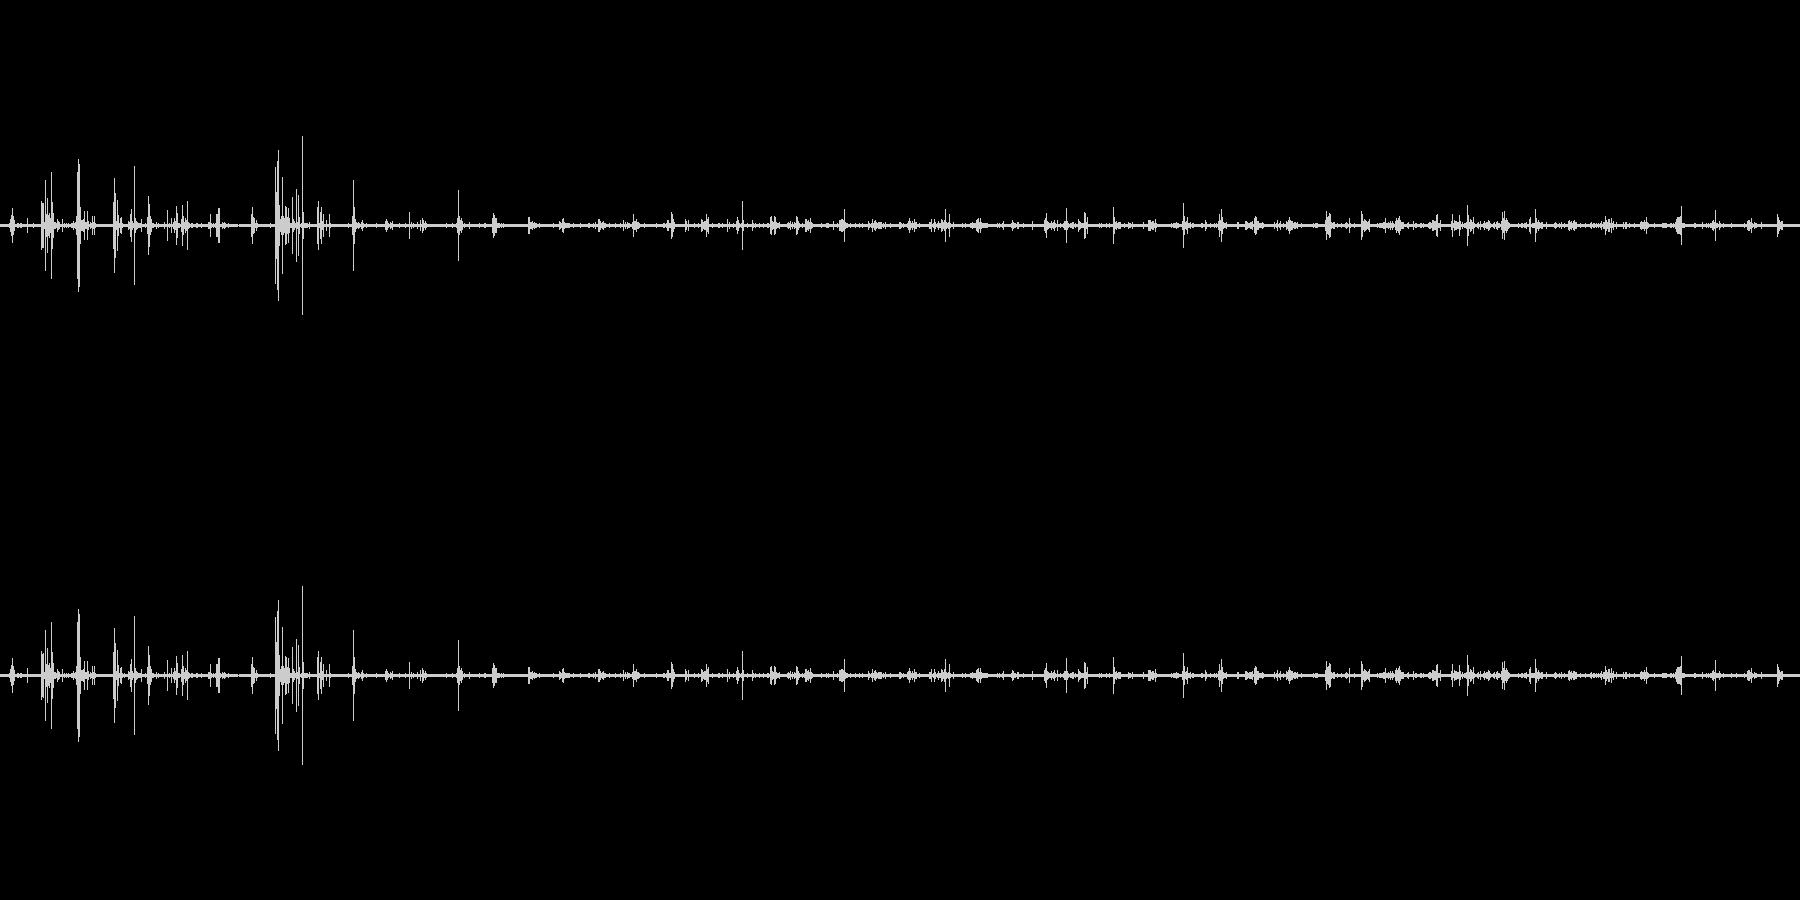 【生音】足音 - スニーカー 03の未再生の波形